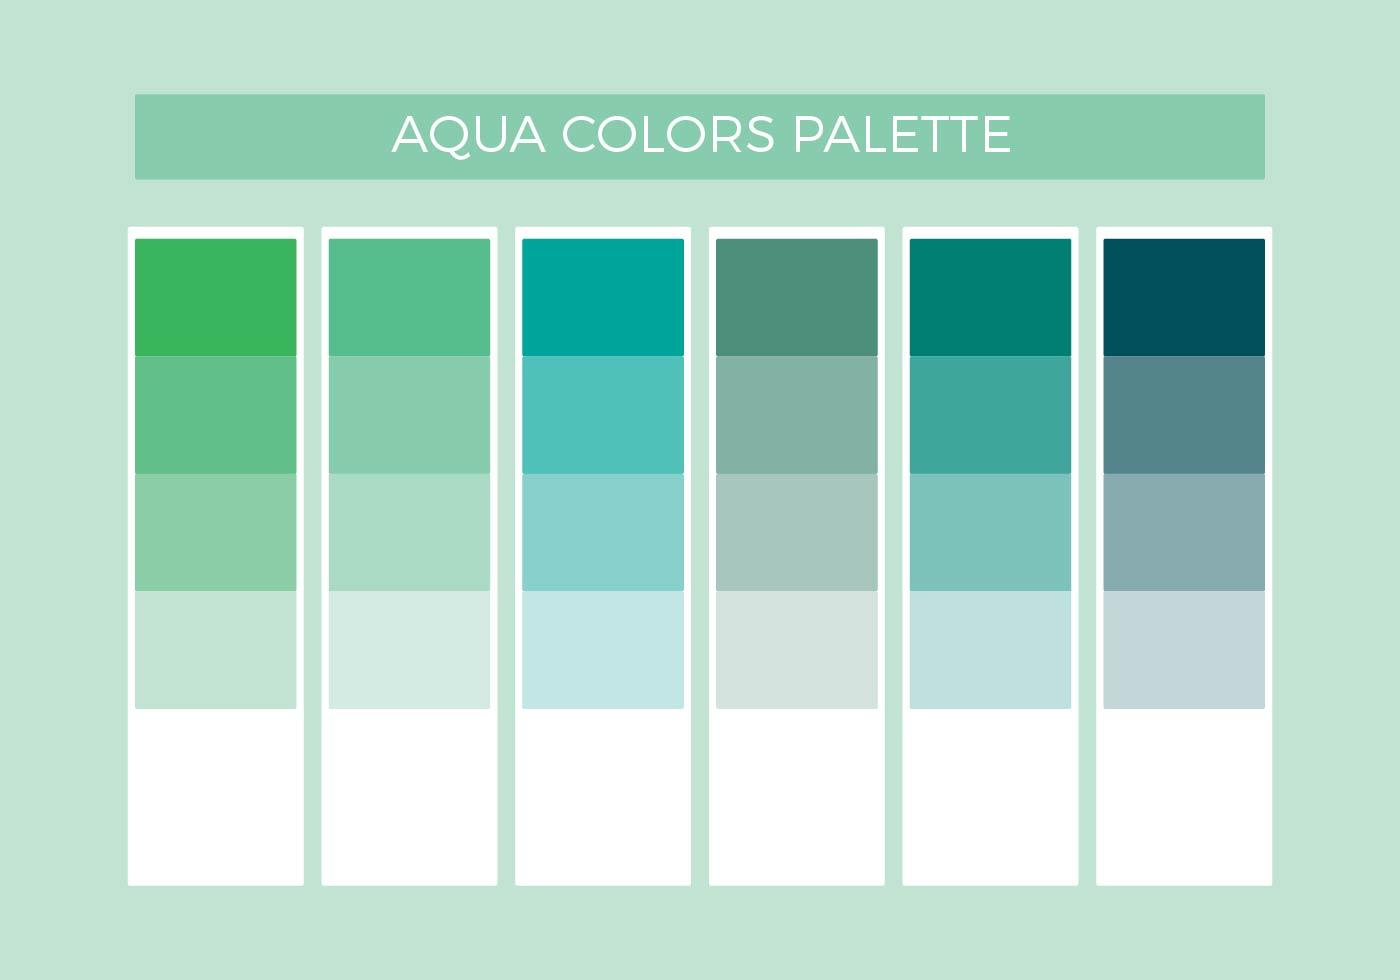 aqua colors vector palette